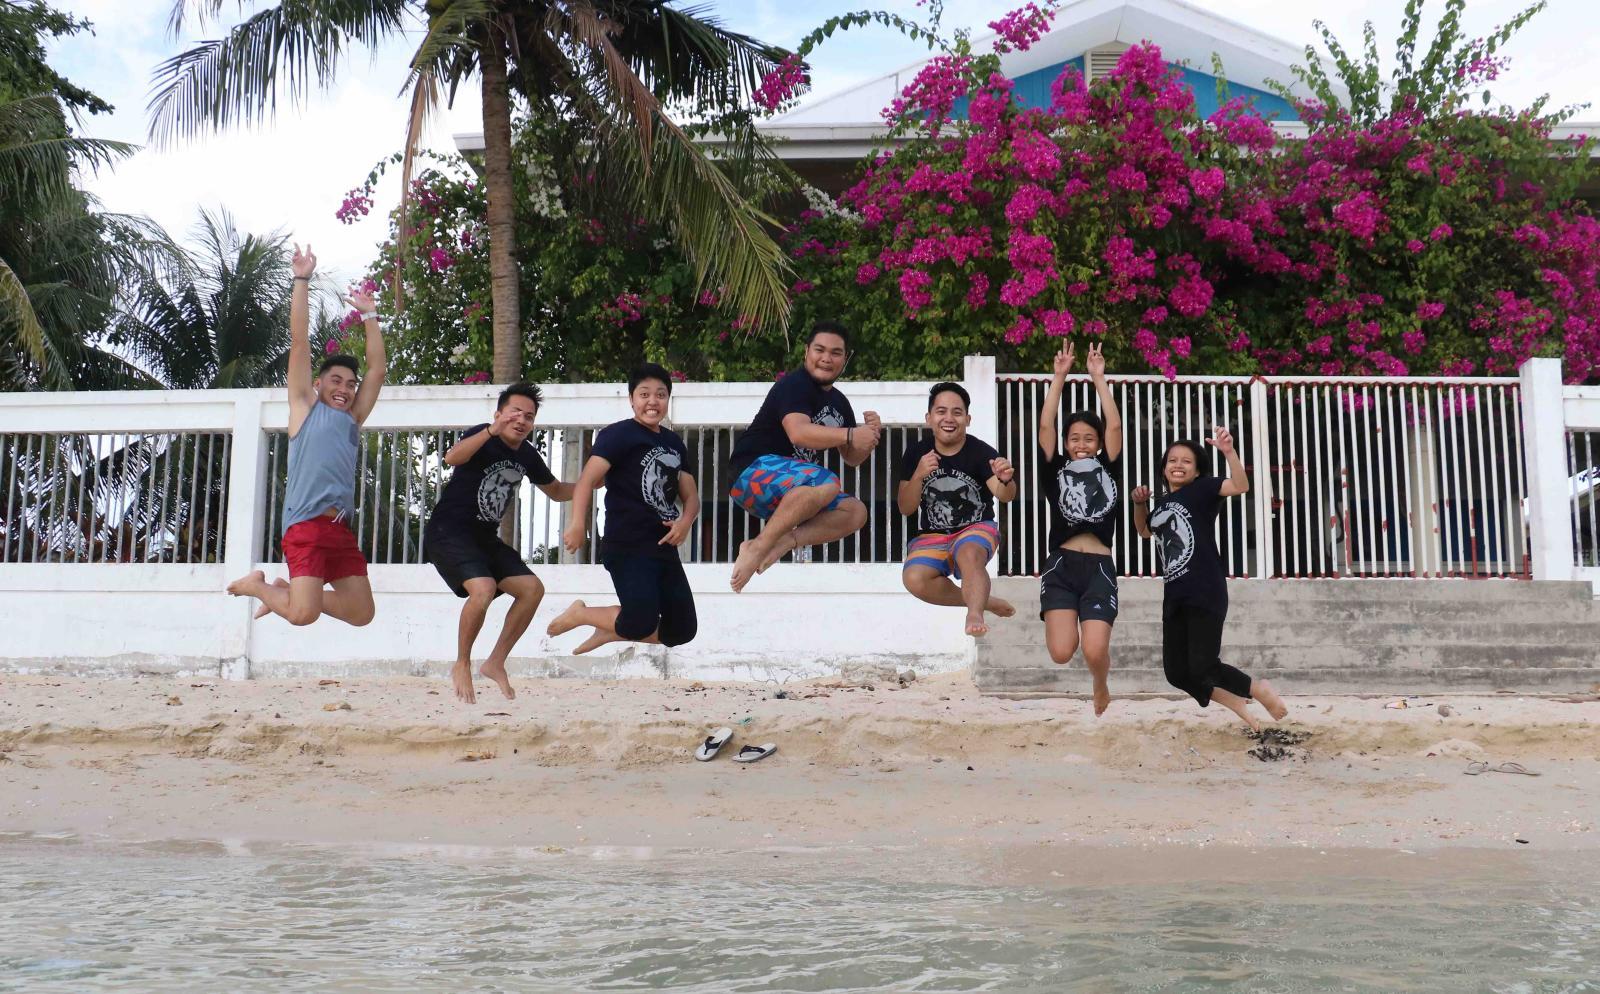 Voluntarios de Projects Abroad divirtiéndose en una playa de Filipinas.